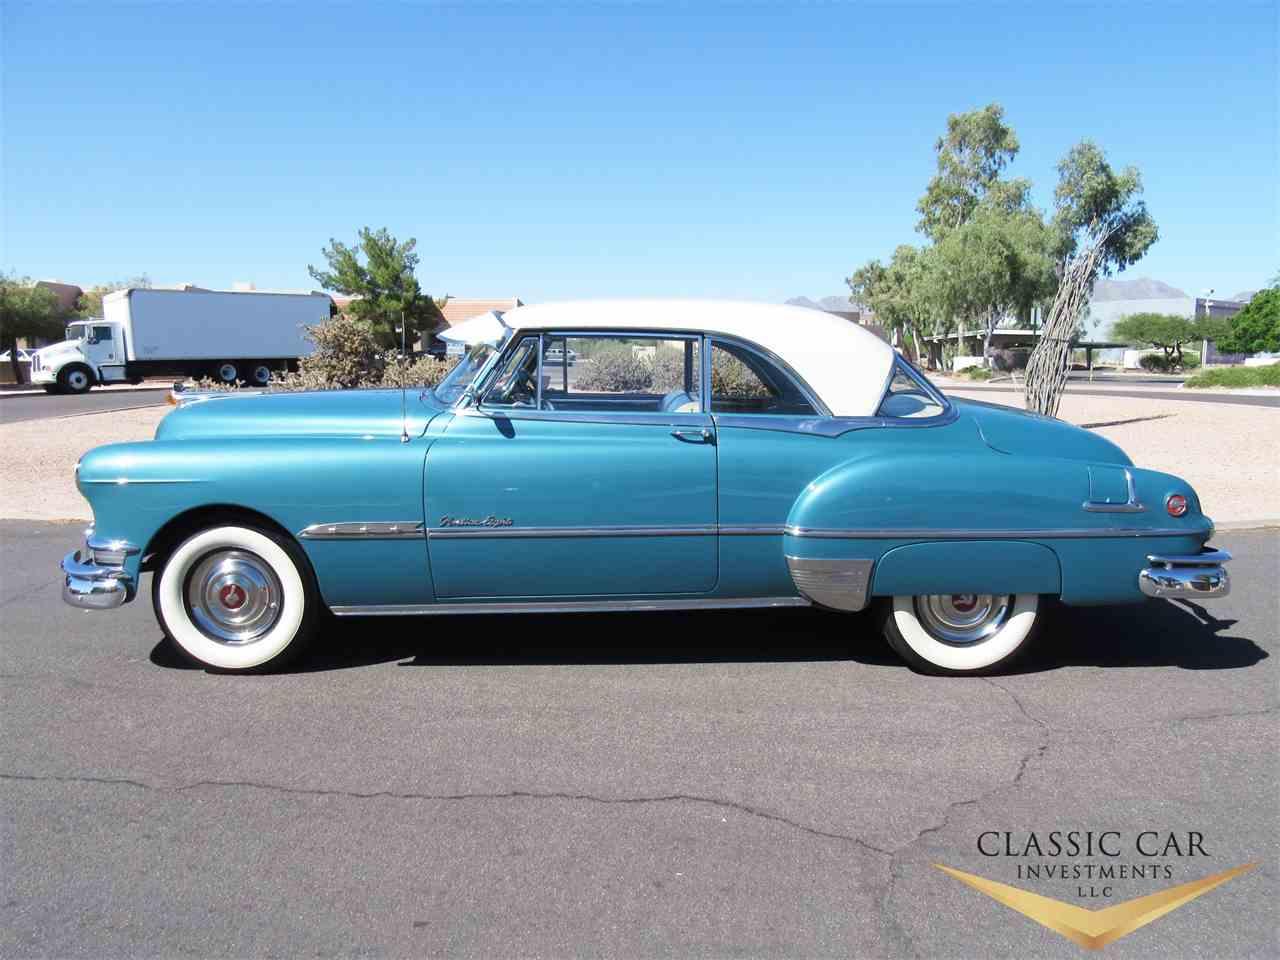 1951 Pontiac Coupe For Sale: 1951 Pontiac Catalina For Sale